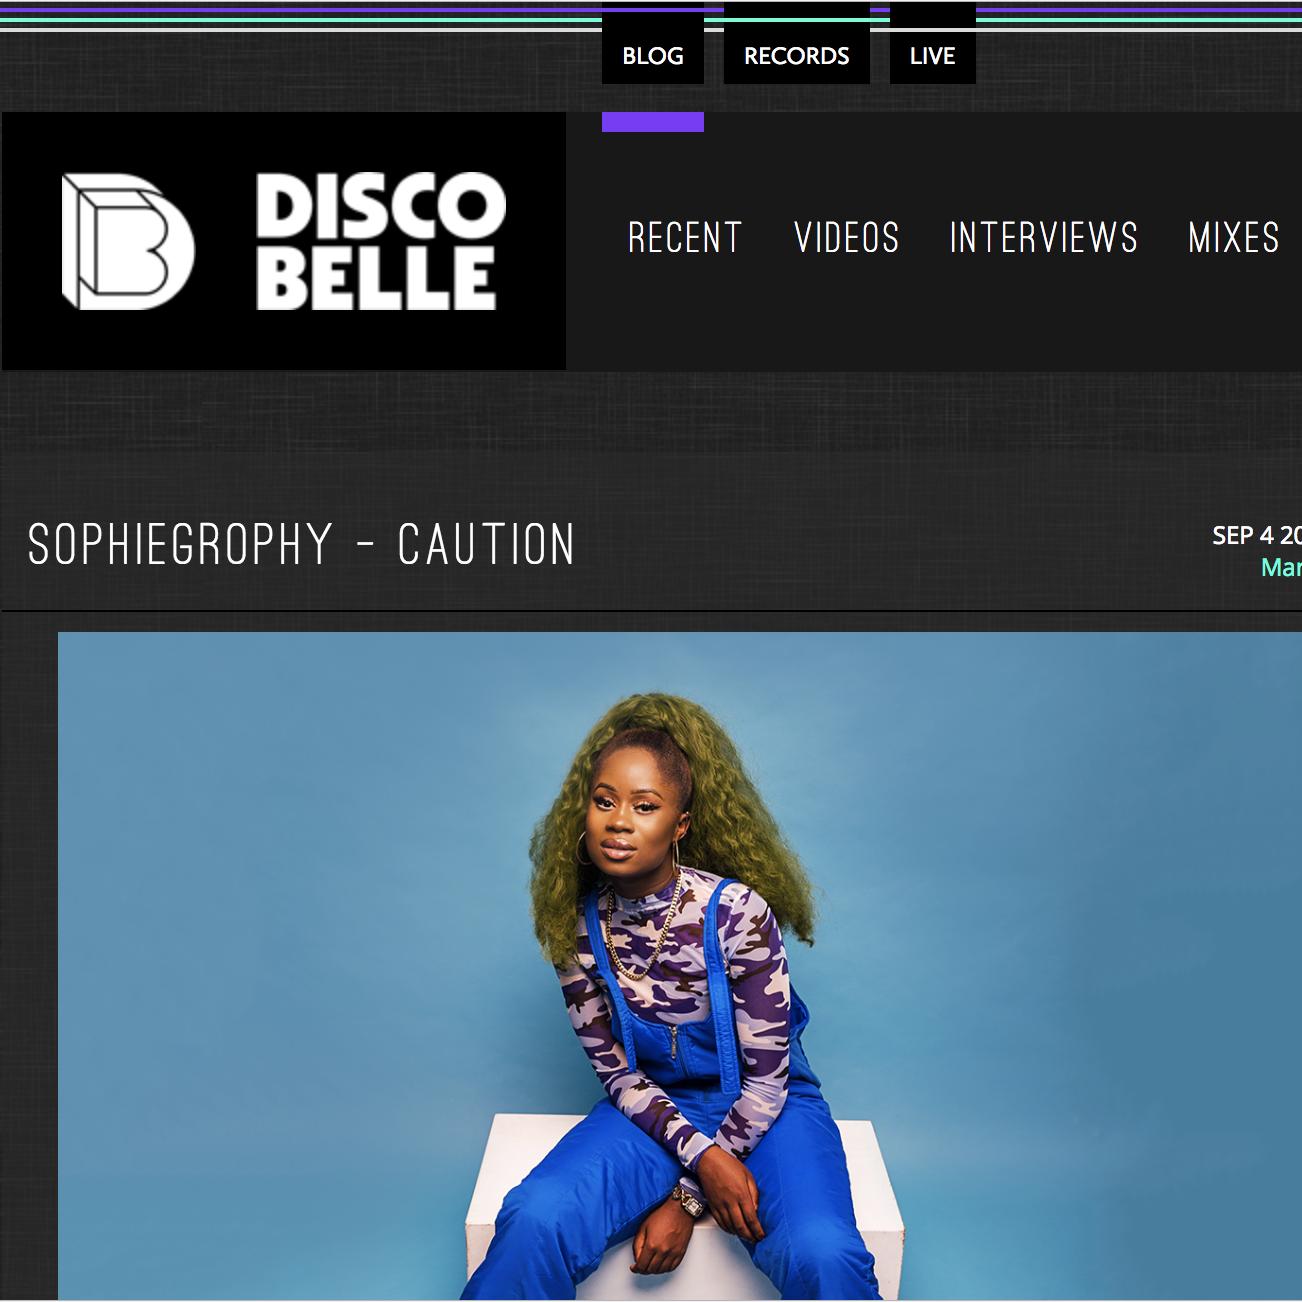 Discobelle - September 4th 2018